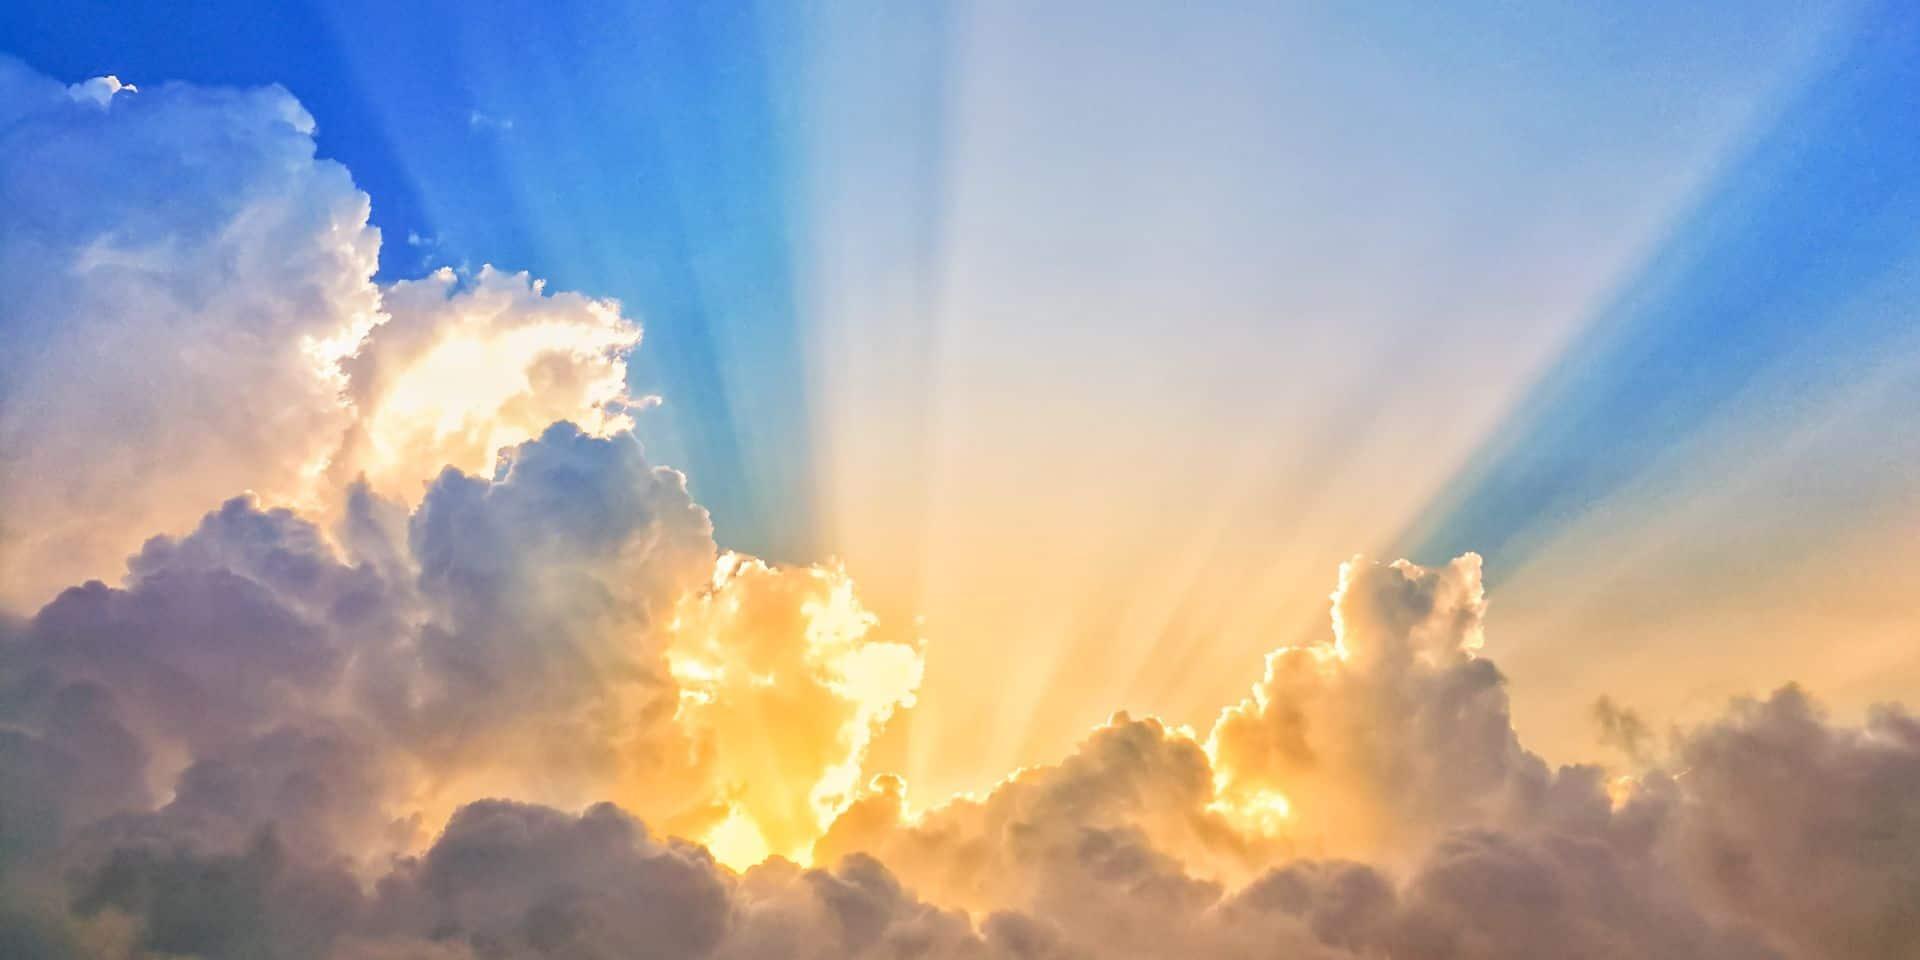 Météo : Après la grisaille matinale, nuages et éclaircies